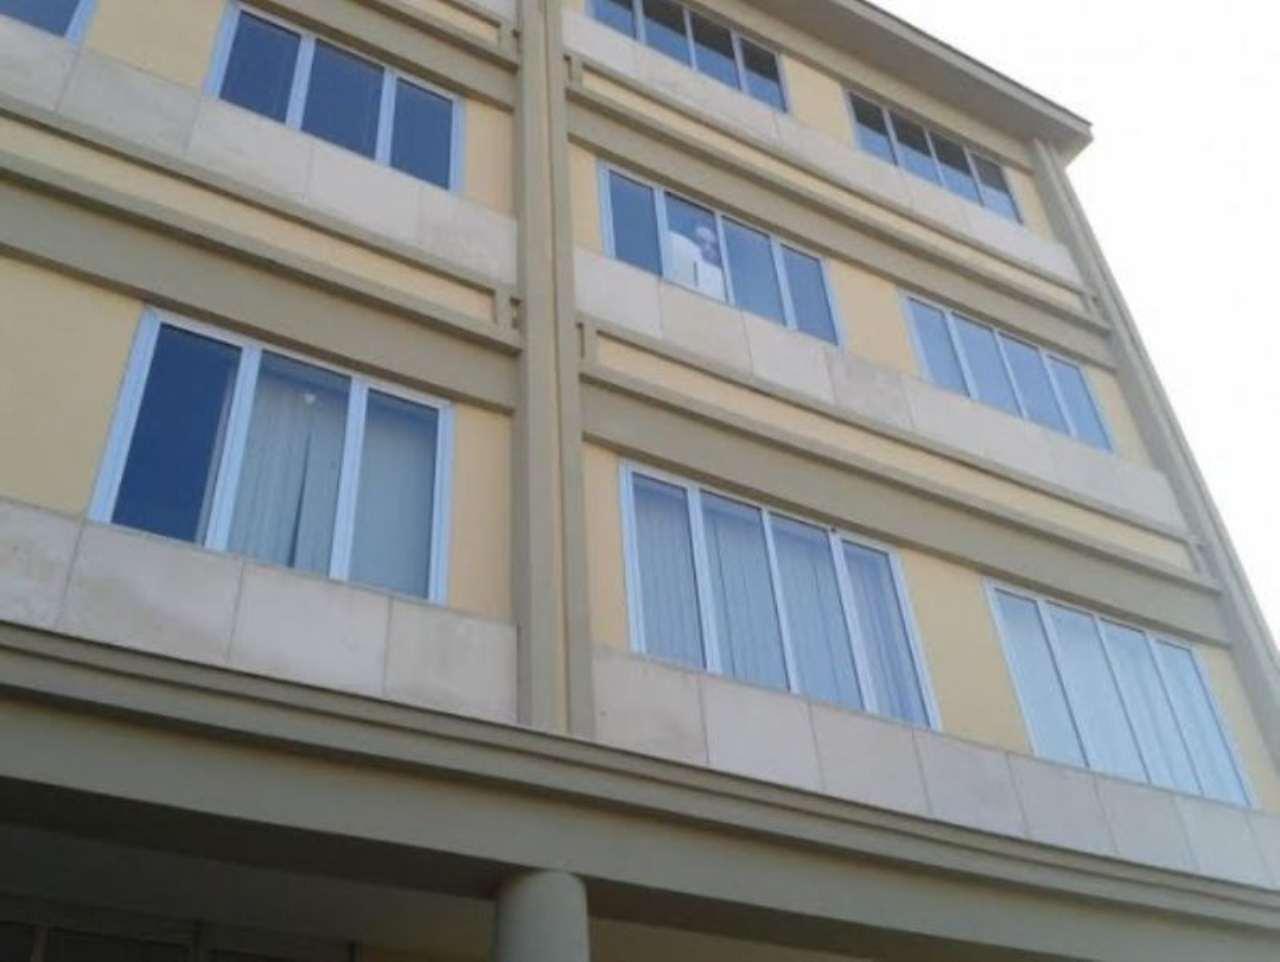 Ufficio / Studio in affitto a Arzano, 6 locali, Trattative riservate | Cambio Casa.it